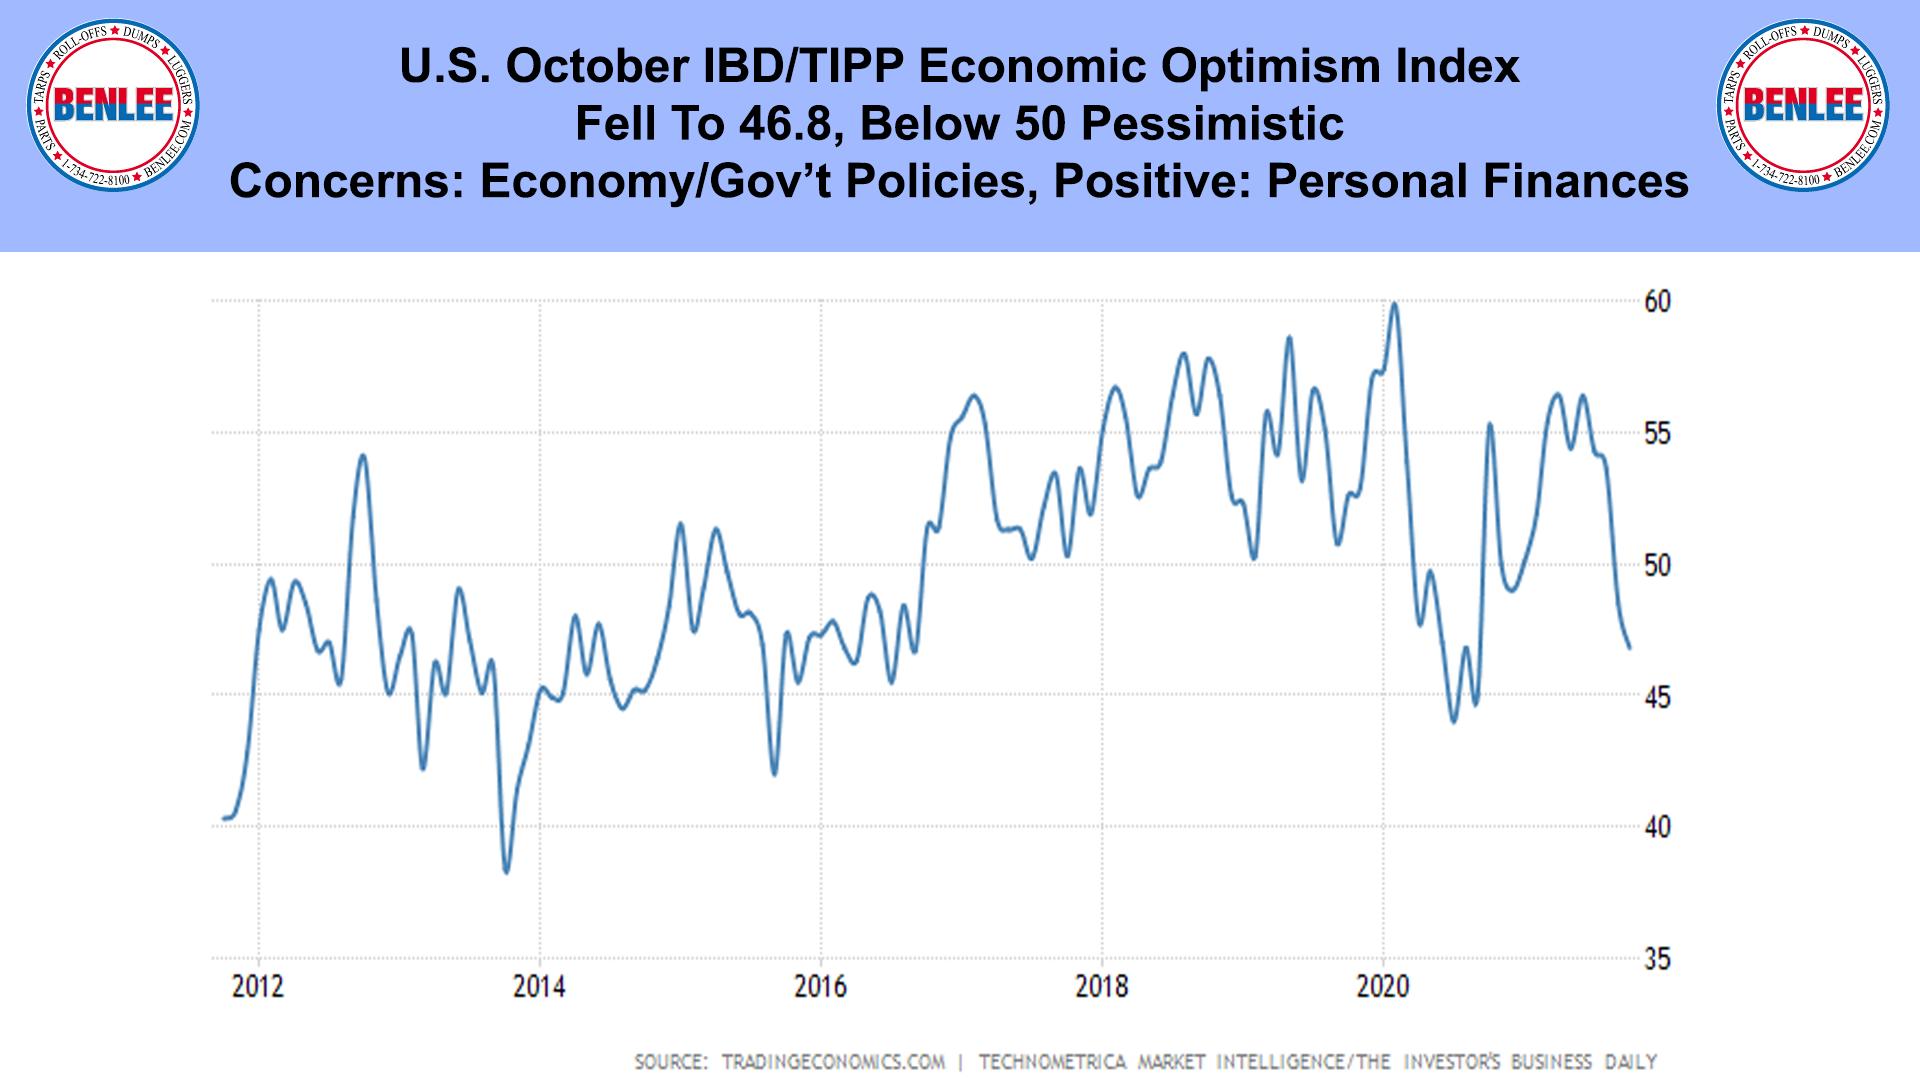 U.S. October IBD TIPP Economic Optimism Index